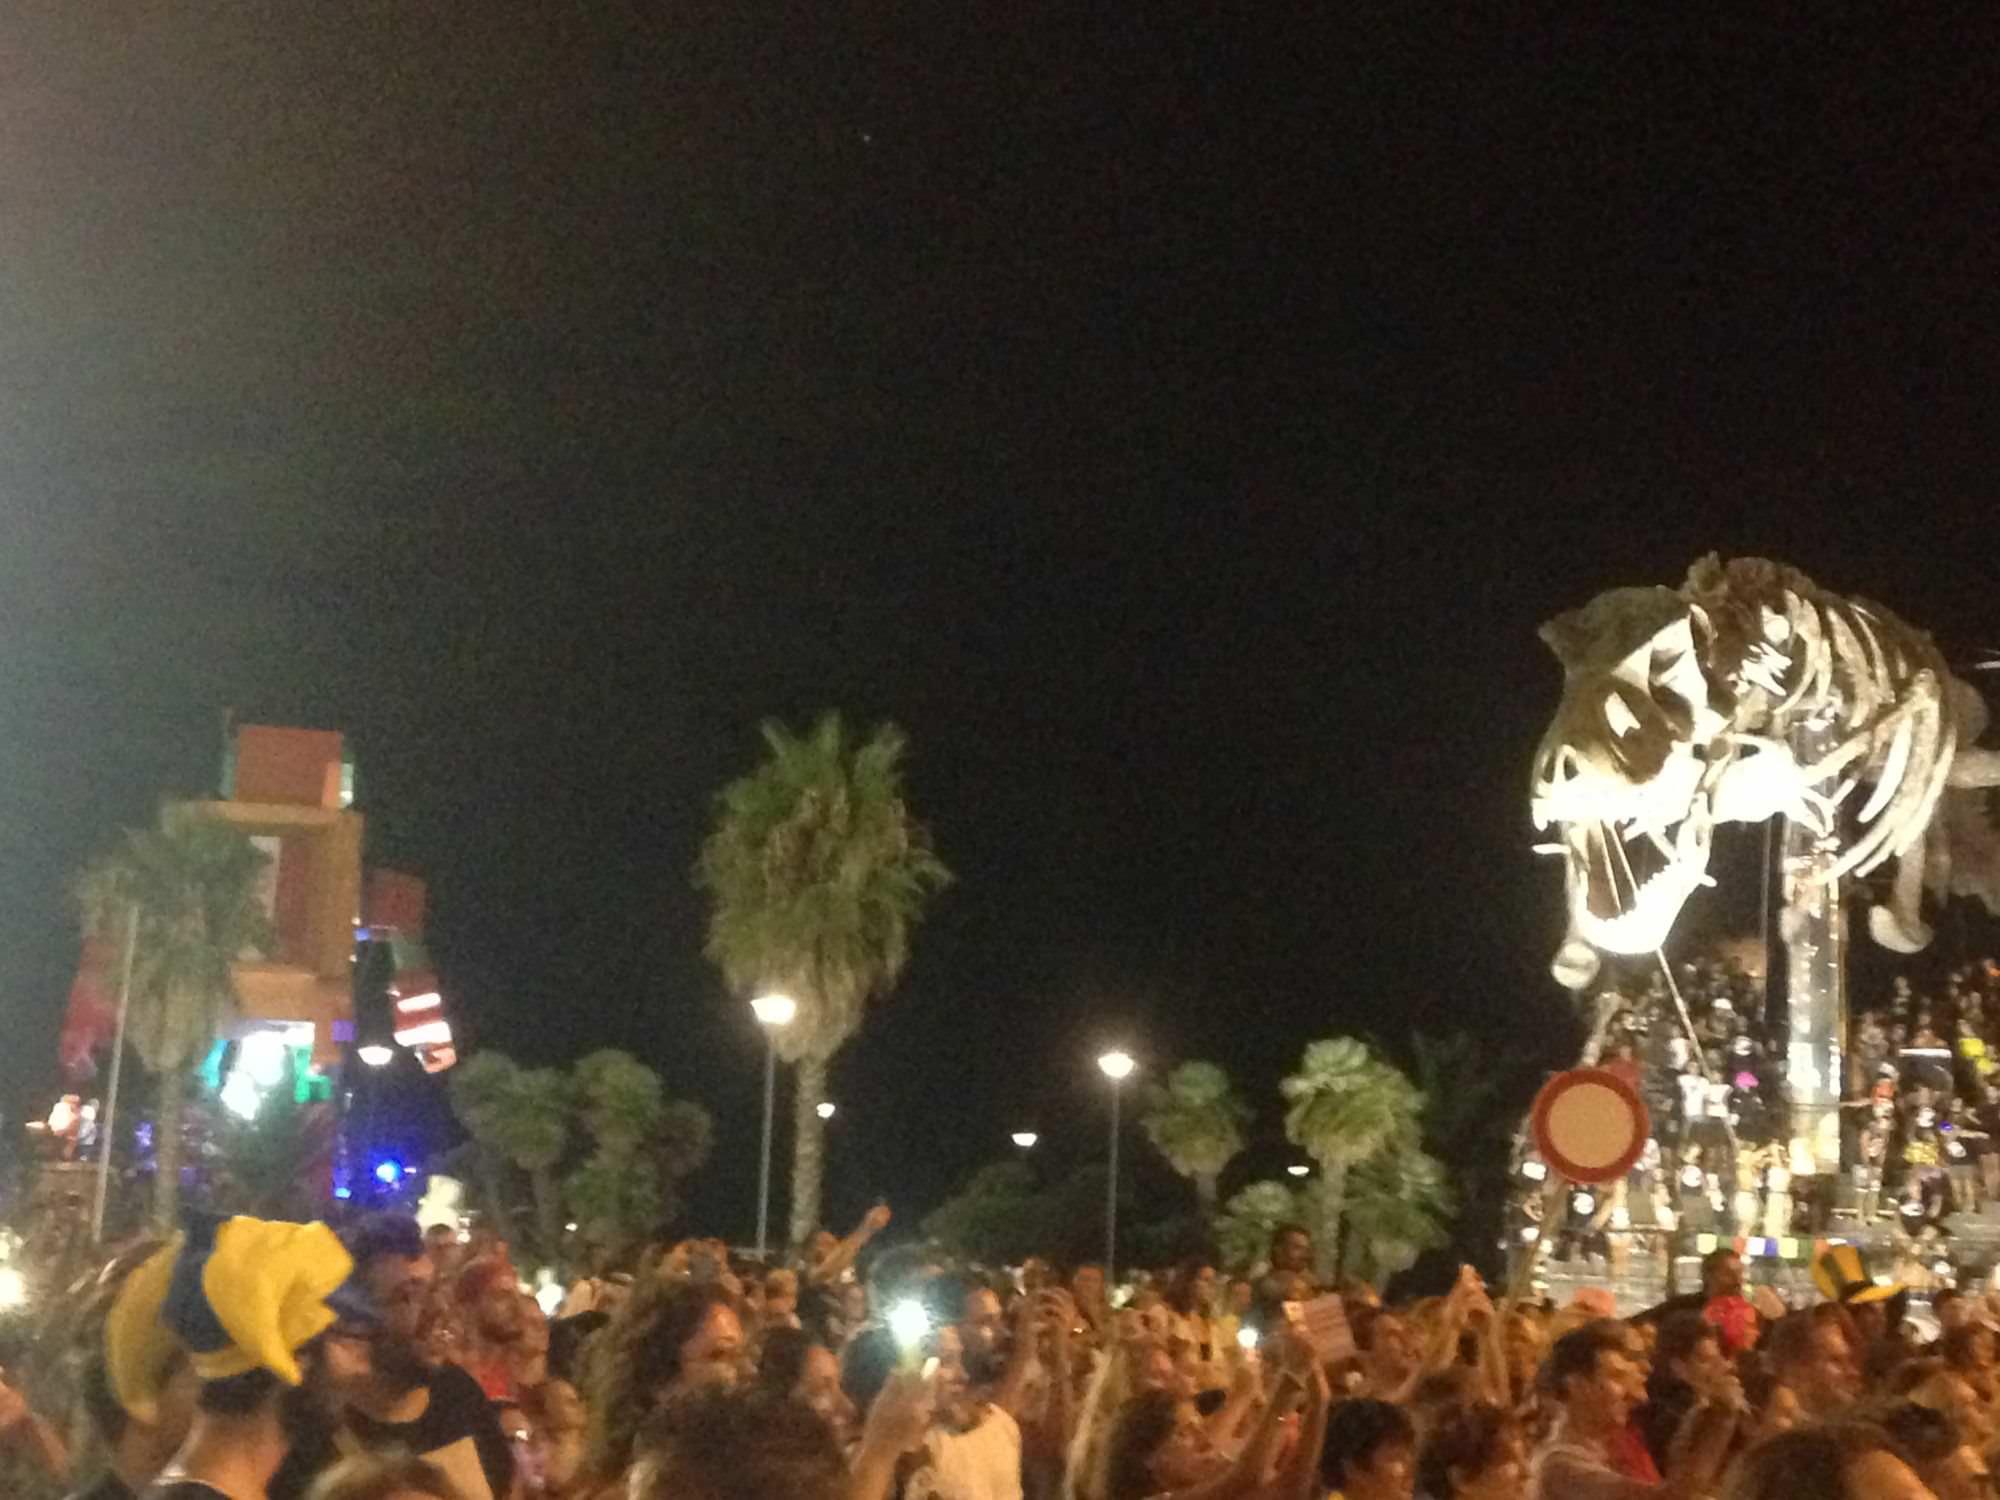 Il Carnevale estivo 2015 chiude con un incasso complessivo di 100mila euro